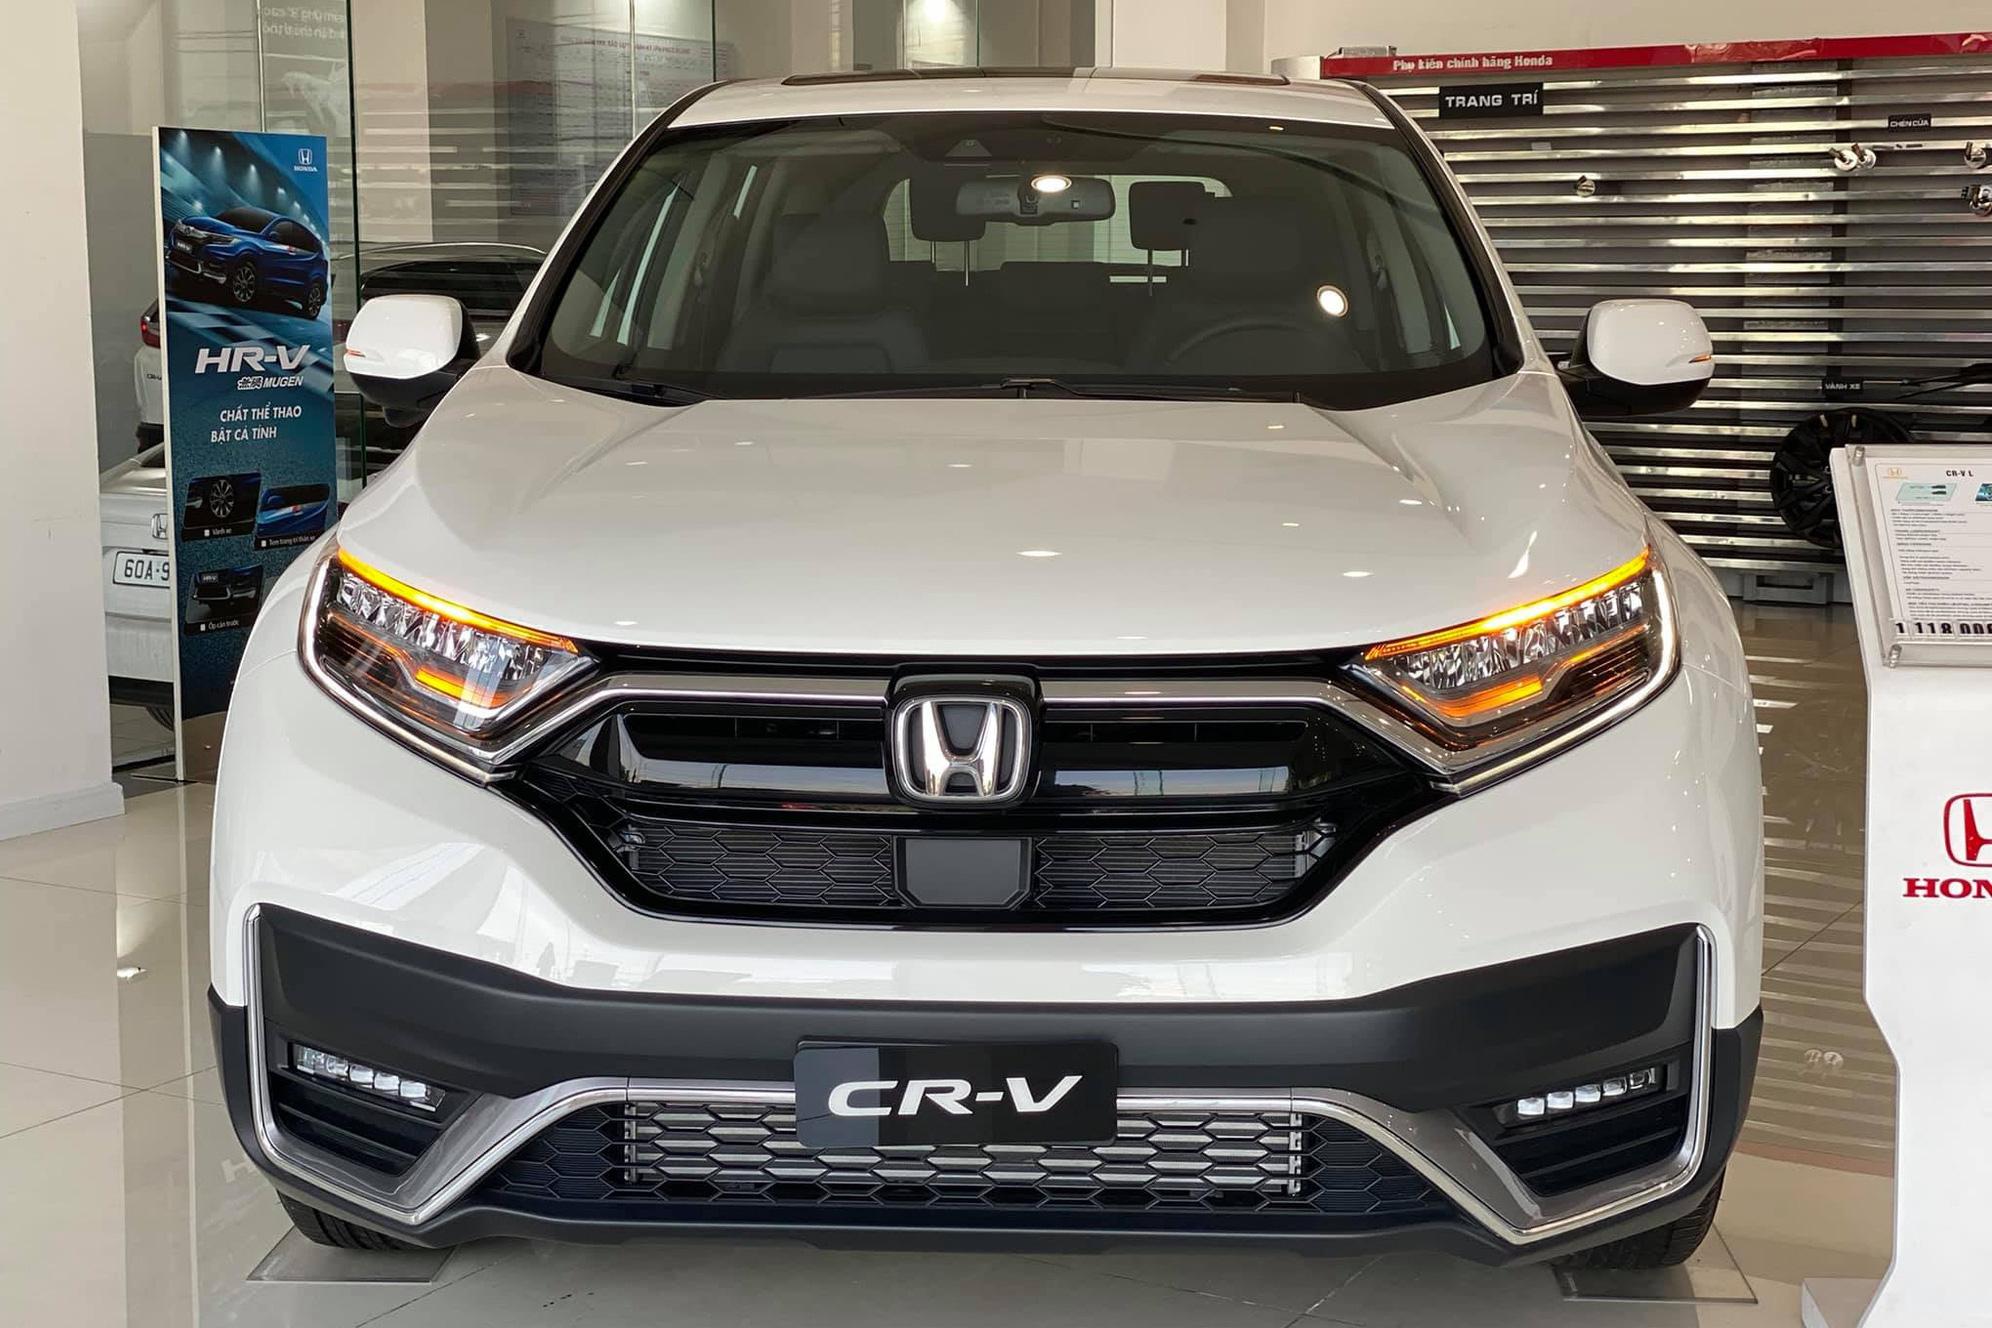 Honda CR-V ưu đãi 200 triệu đồng tại đại lý - Cơ hội hiếm có trước mùa mua sắm cuối năm